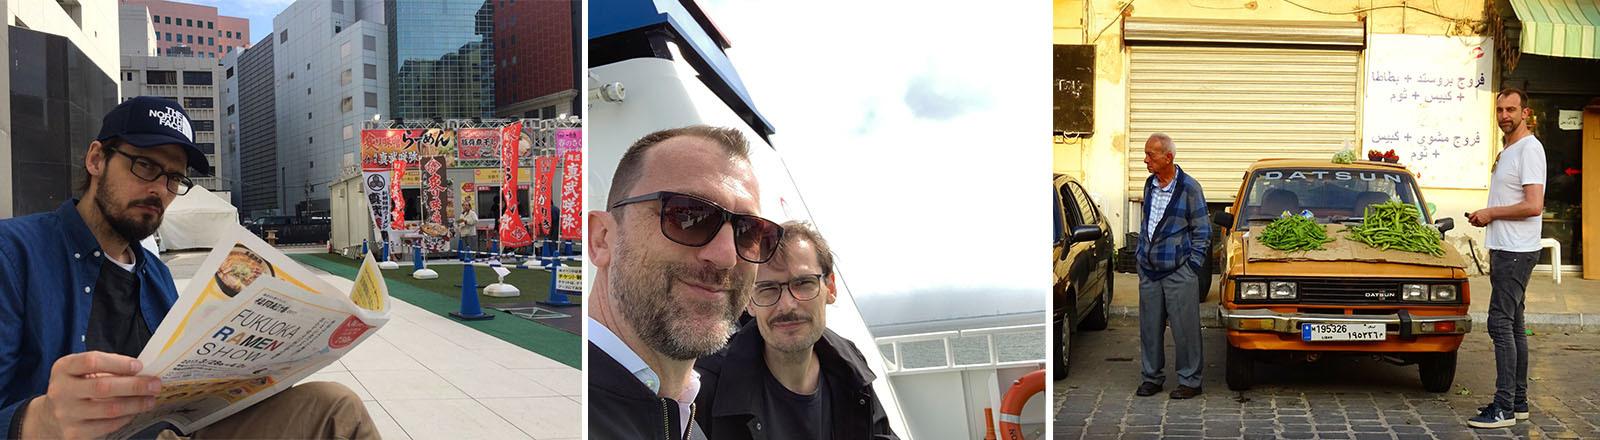 Jochen Schliemann und Michael Dietz (Japan, Ostsee, Lybien)